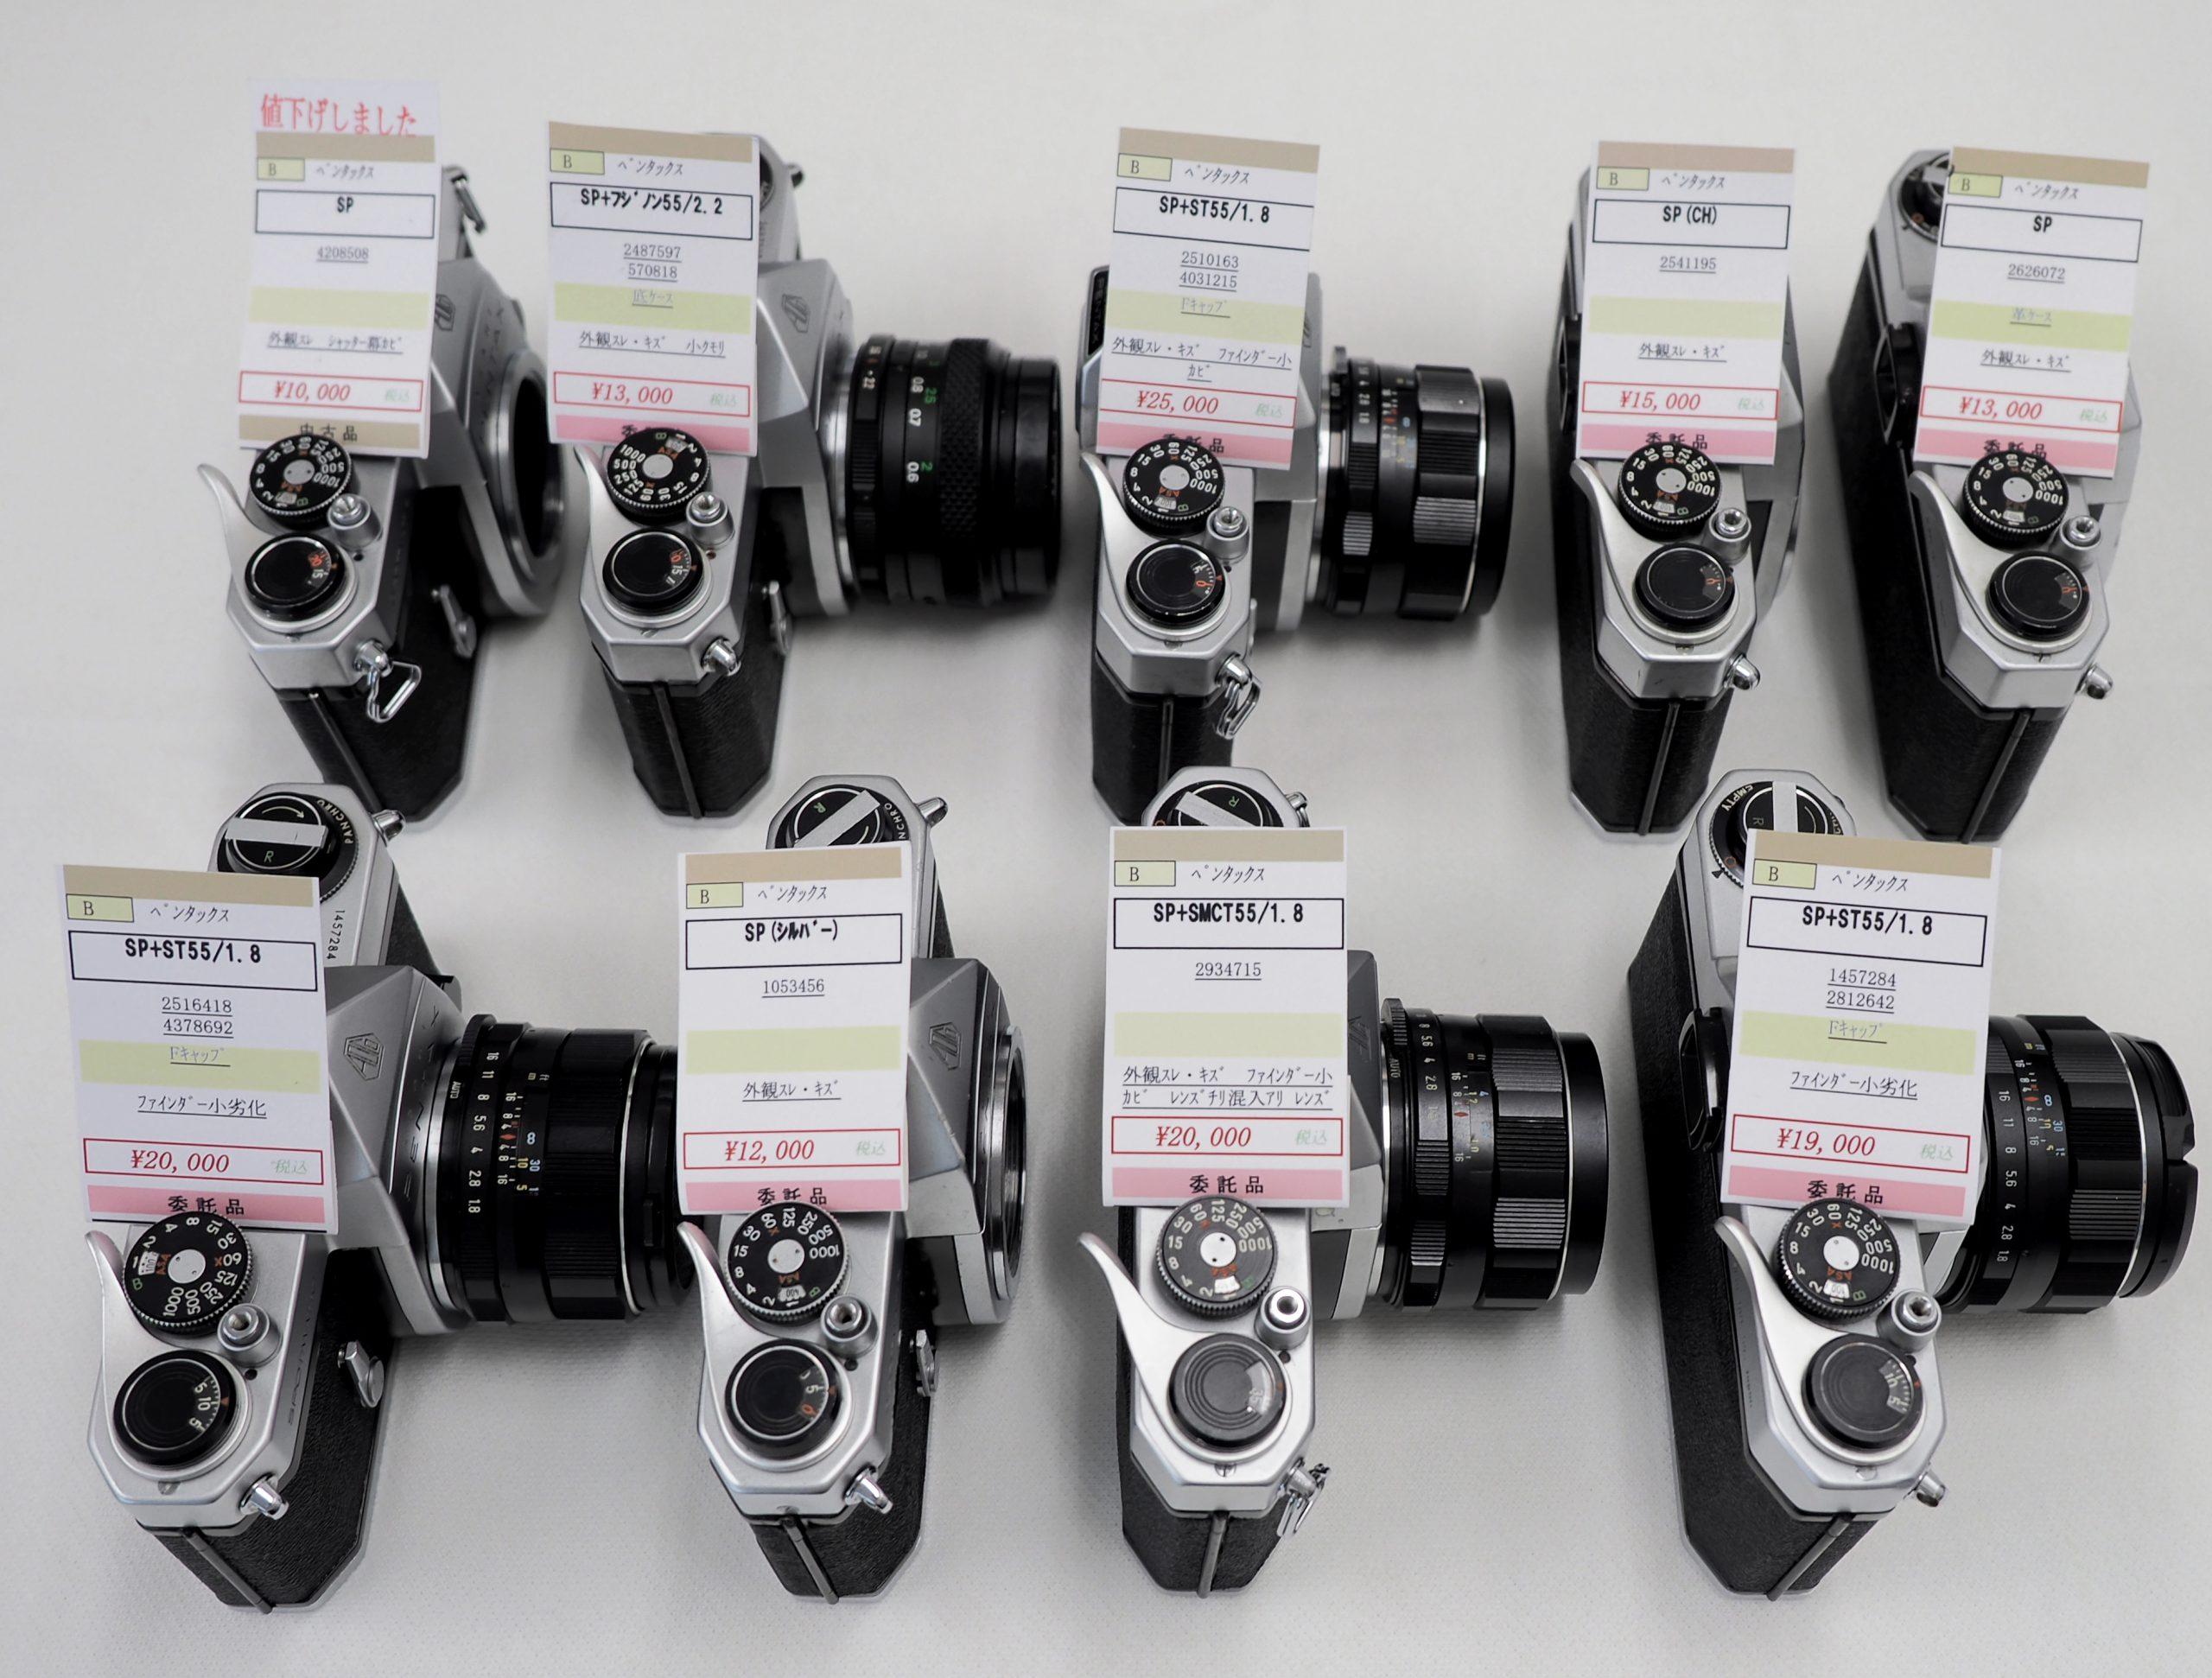 【商品レビュー】はじめてのフィルムカメラ~第1弾!ペンタックスSP